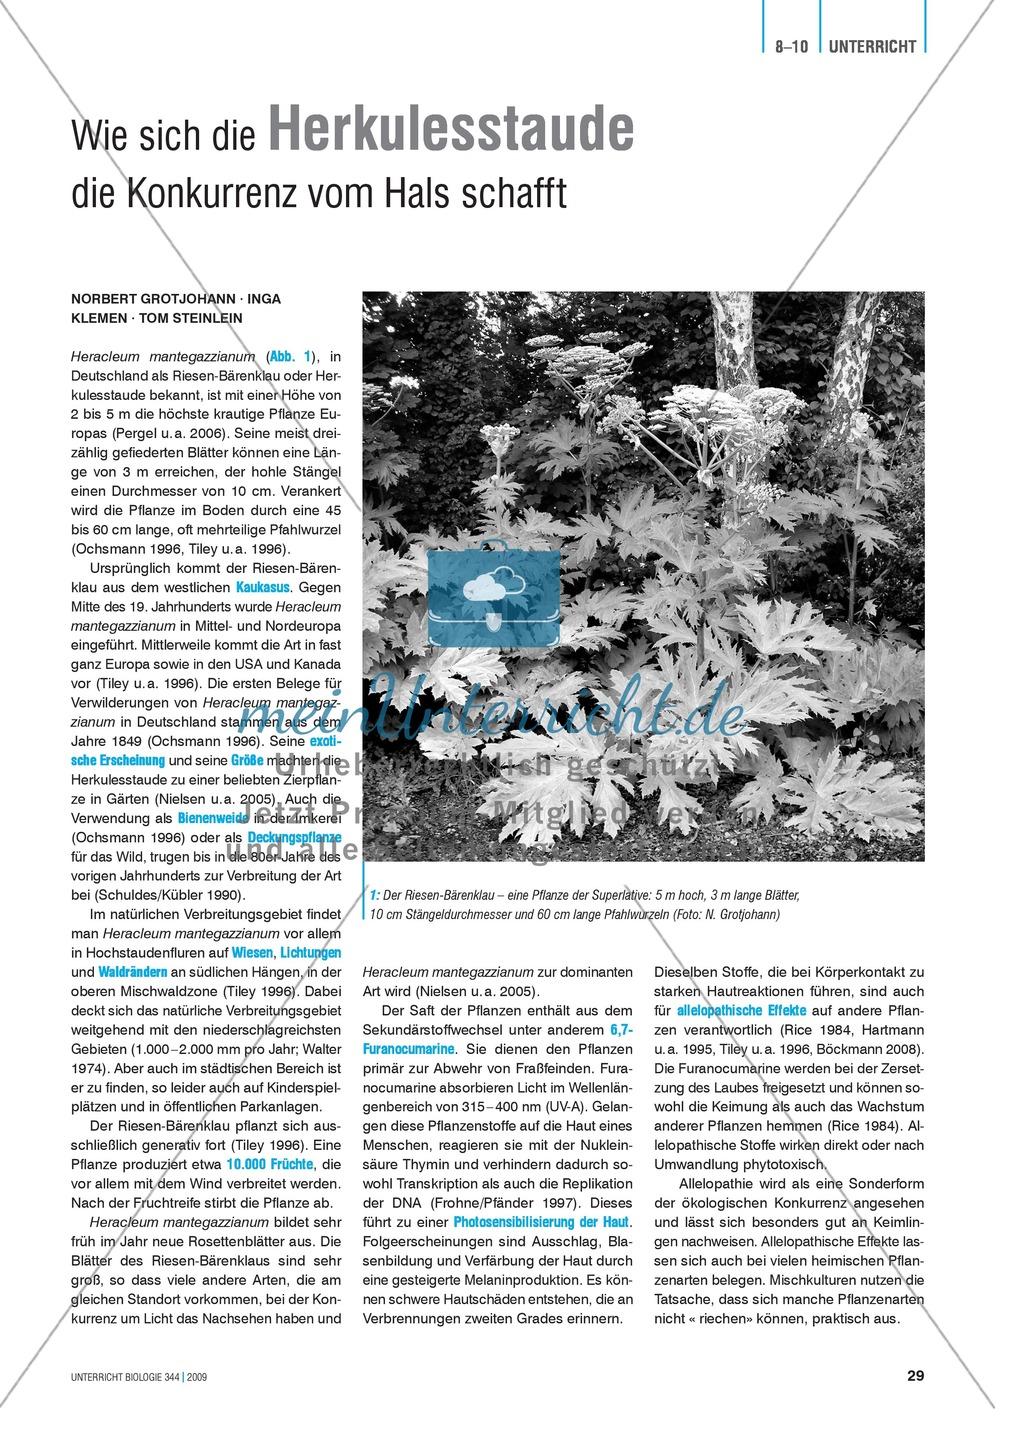 Neobiota: Die Anpassungs- und Verteidigungsmechanismen der Herkulesstaude erarbeiten und verstehen Preview 0